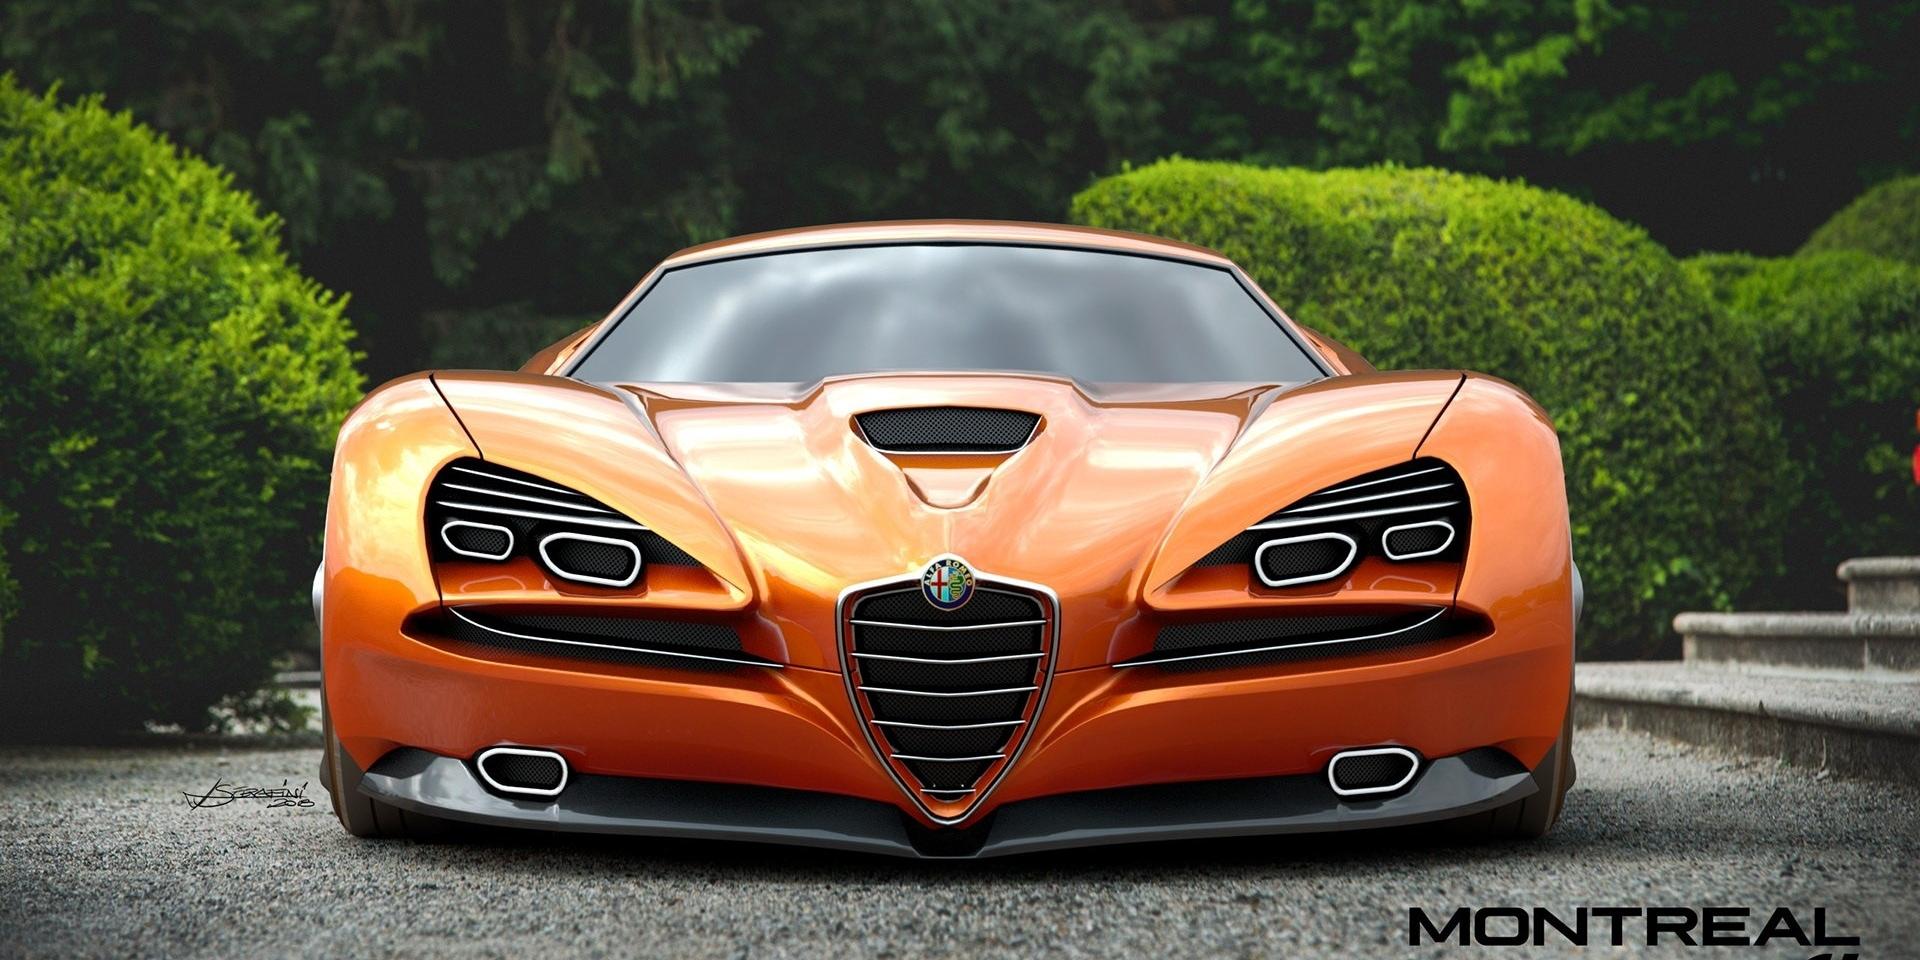 承襲經典靈魂 Alfa Romeo Montreal Vision GT Concept亮相!